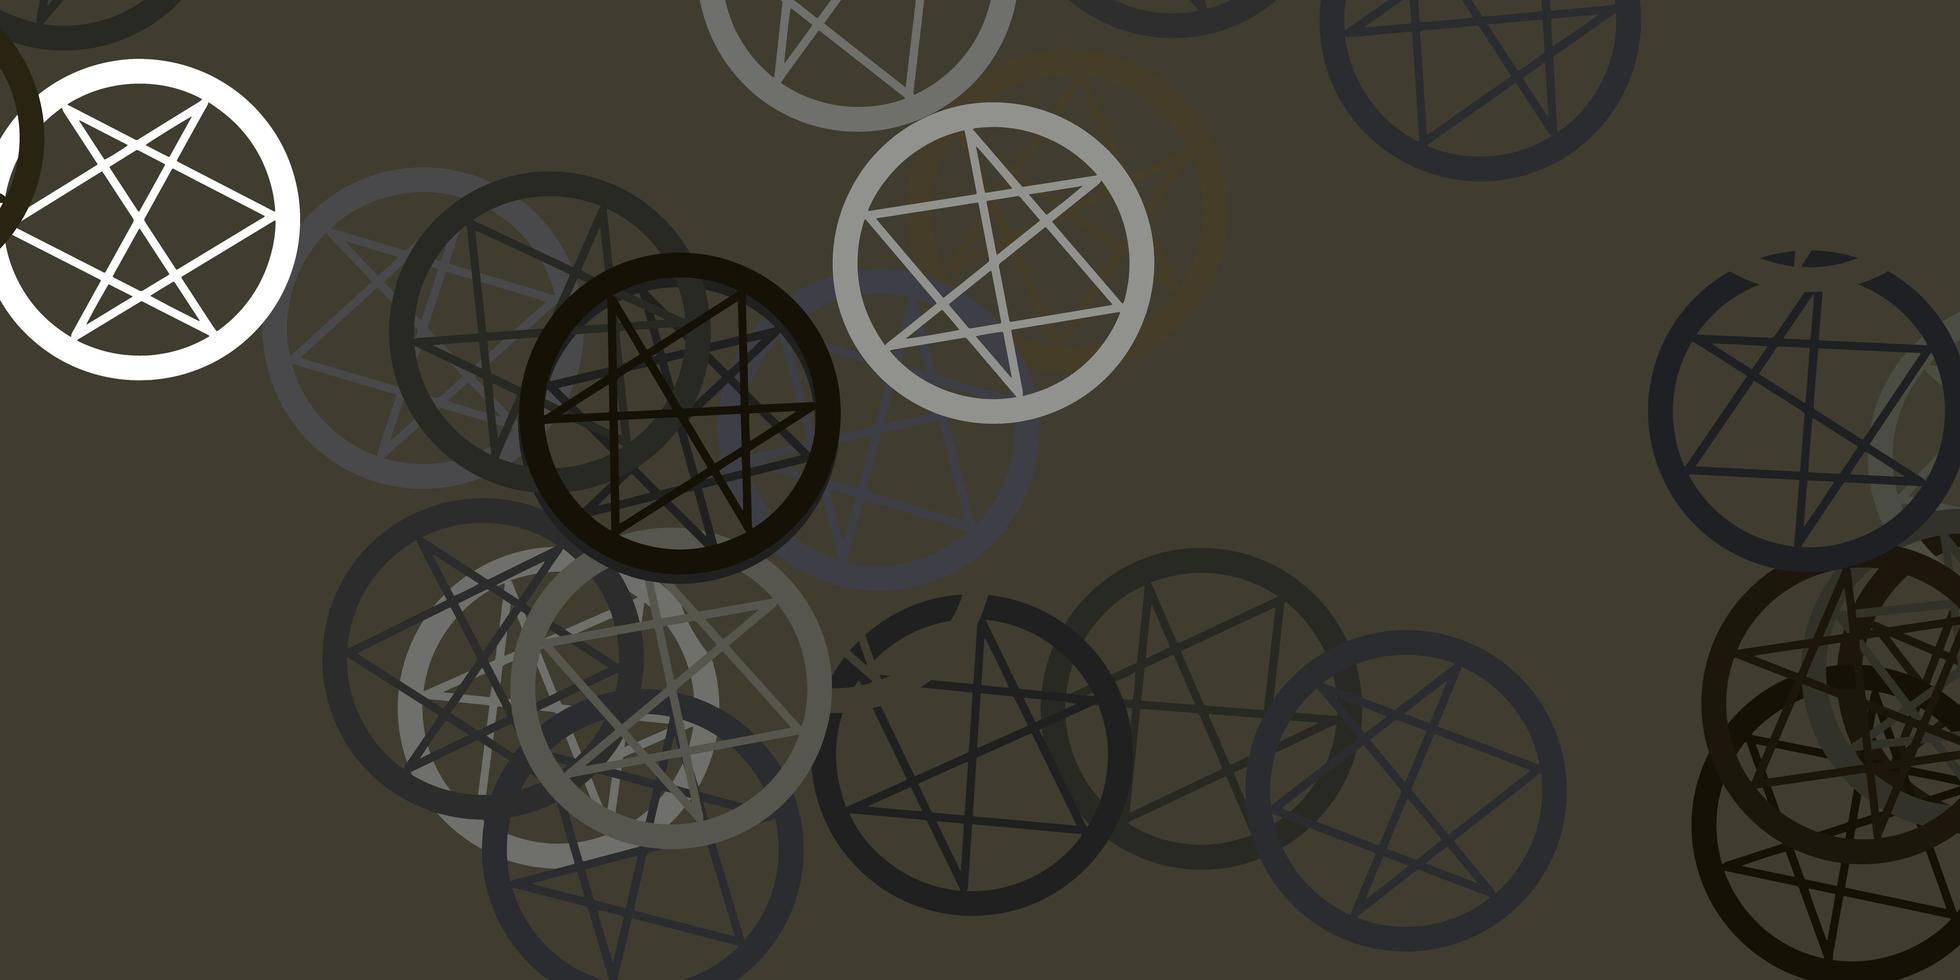 modèle vectoriel gris clair avec des signes ésotériques.